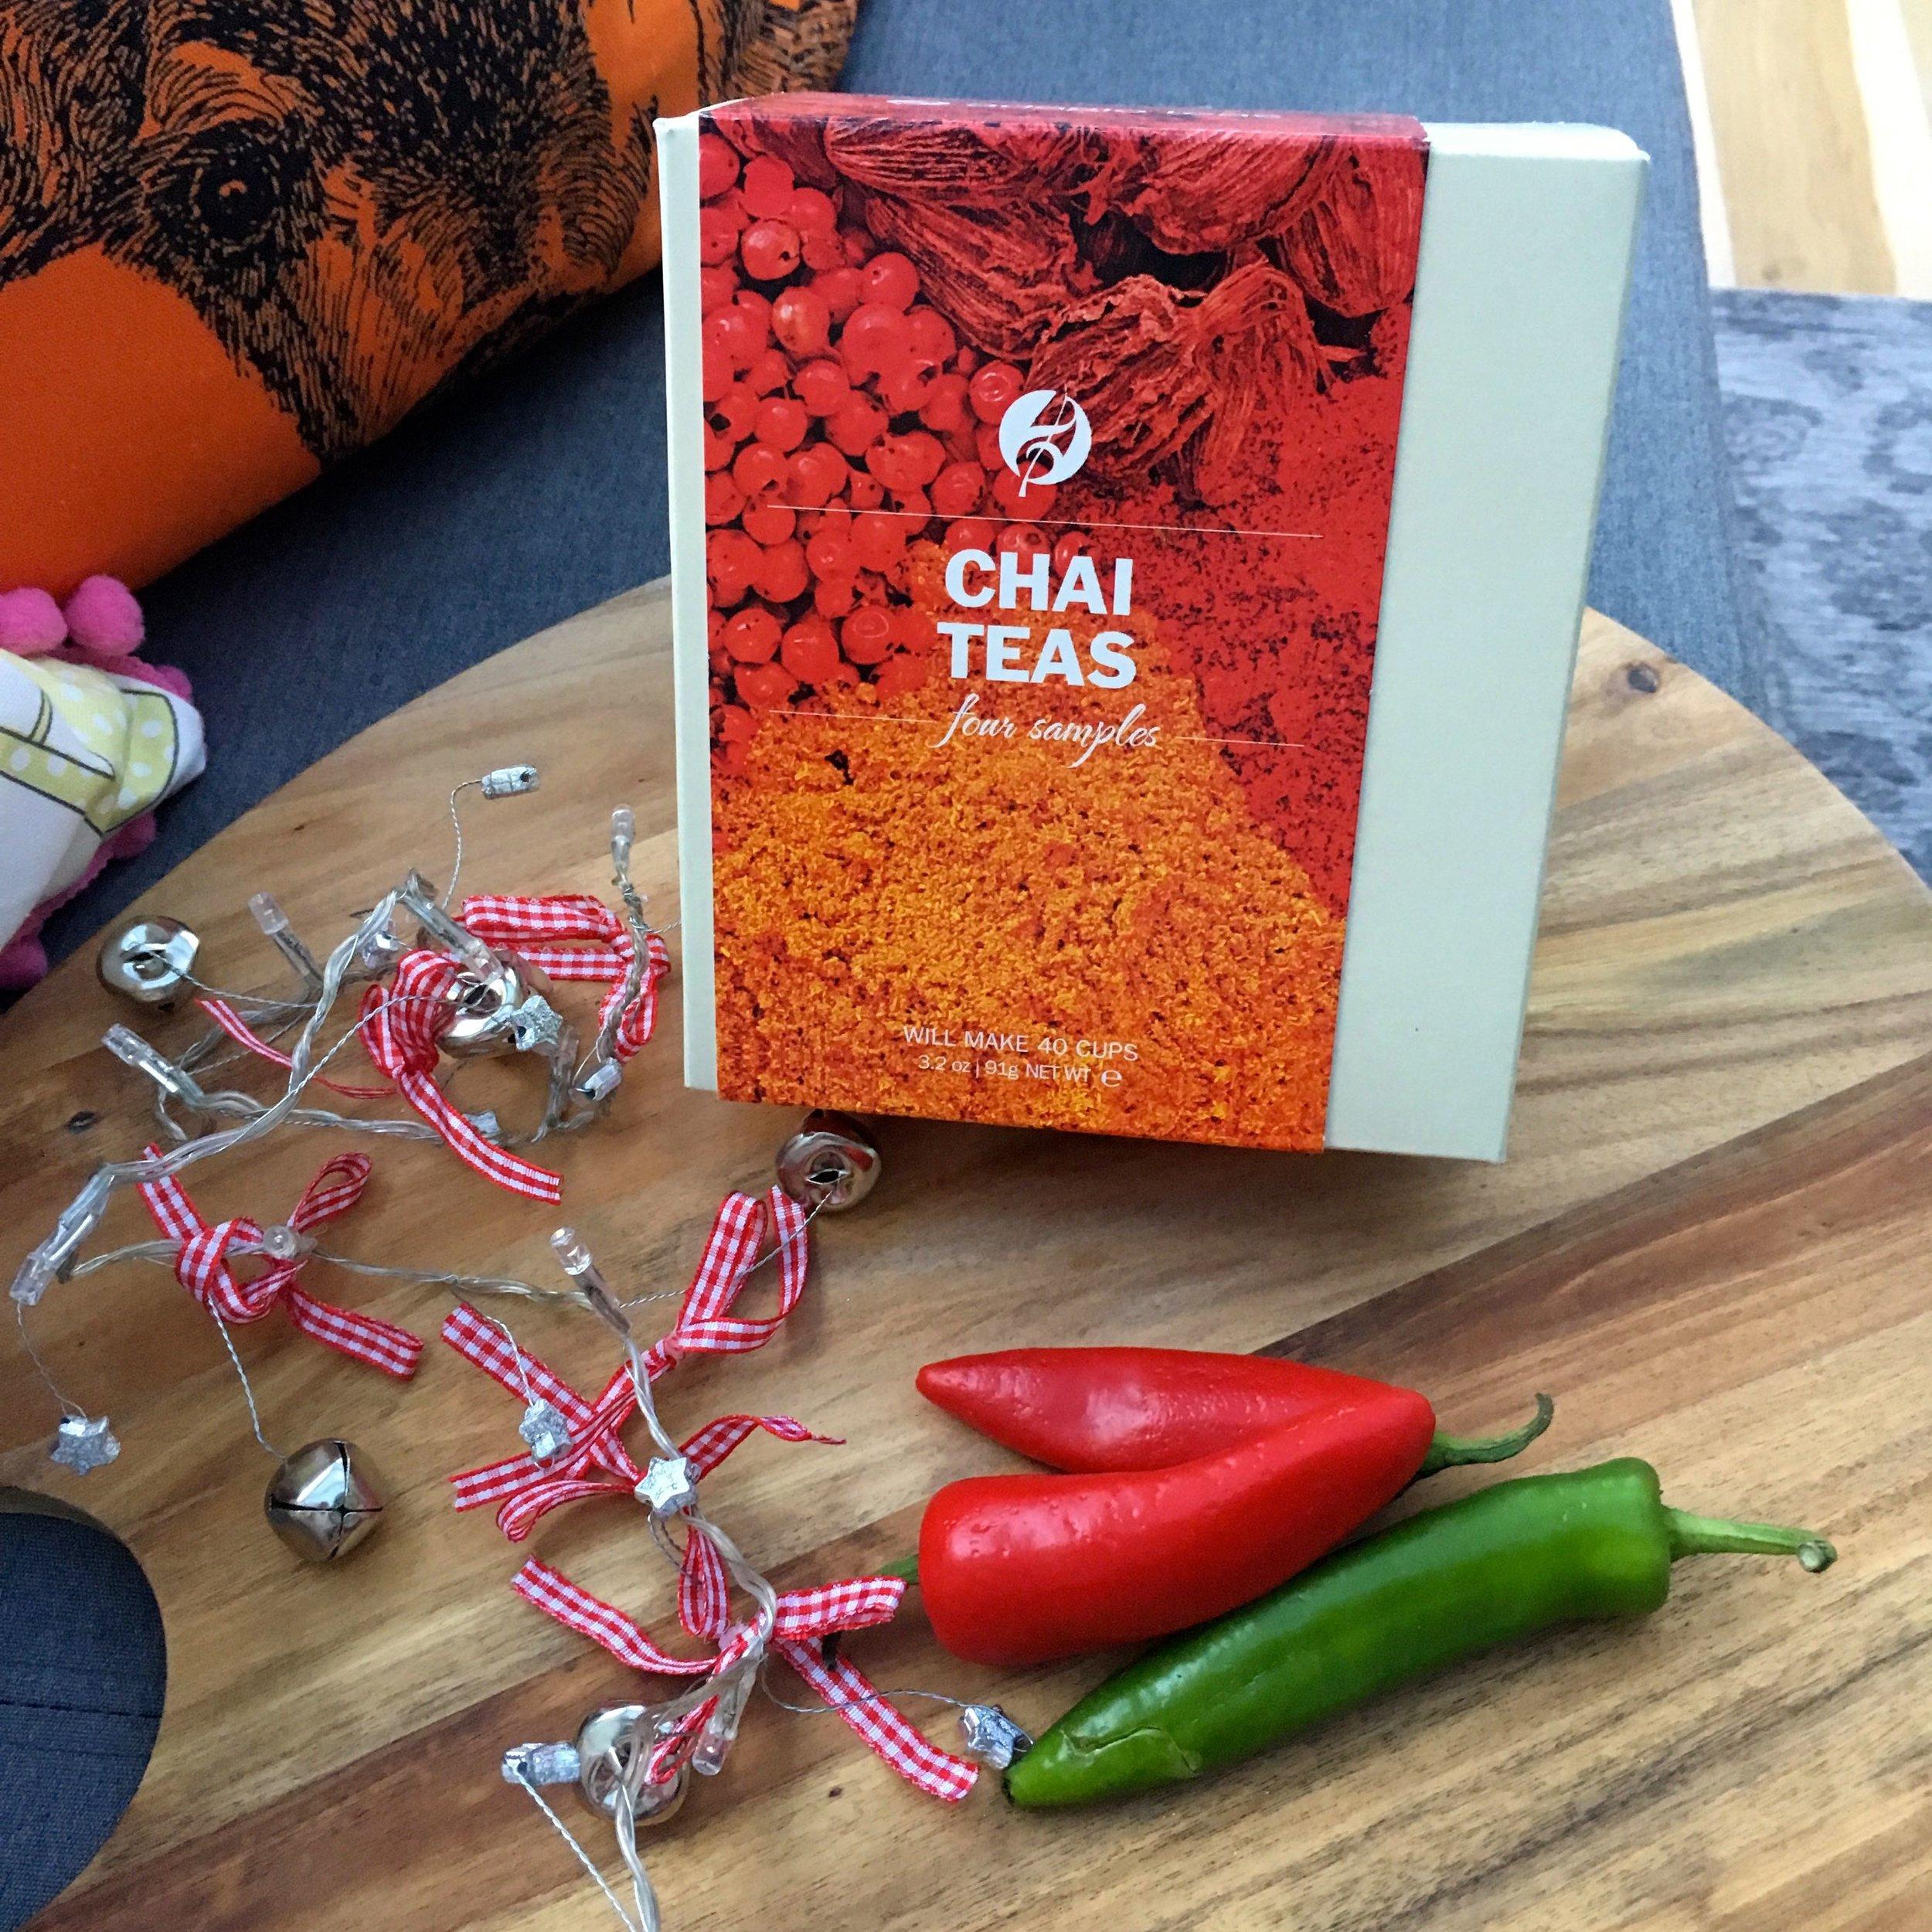 CHAI TEAS INCLUDES: MASALA CHAI, CHOCOLATE CHAI, SPICED APPLE CHAI AND THAI CHAI TEAS